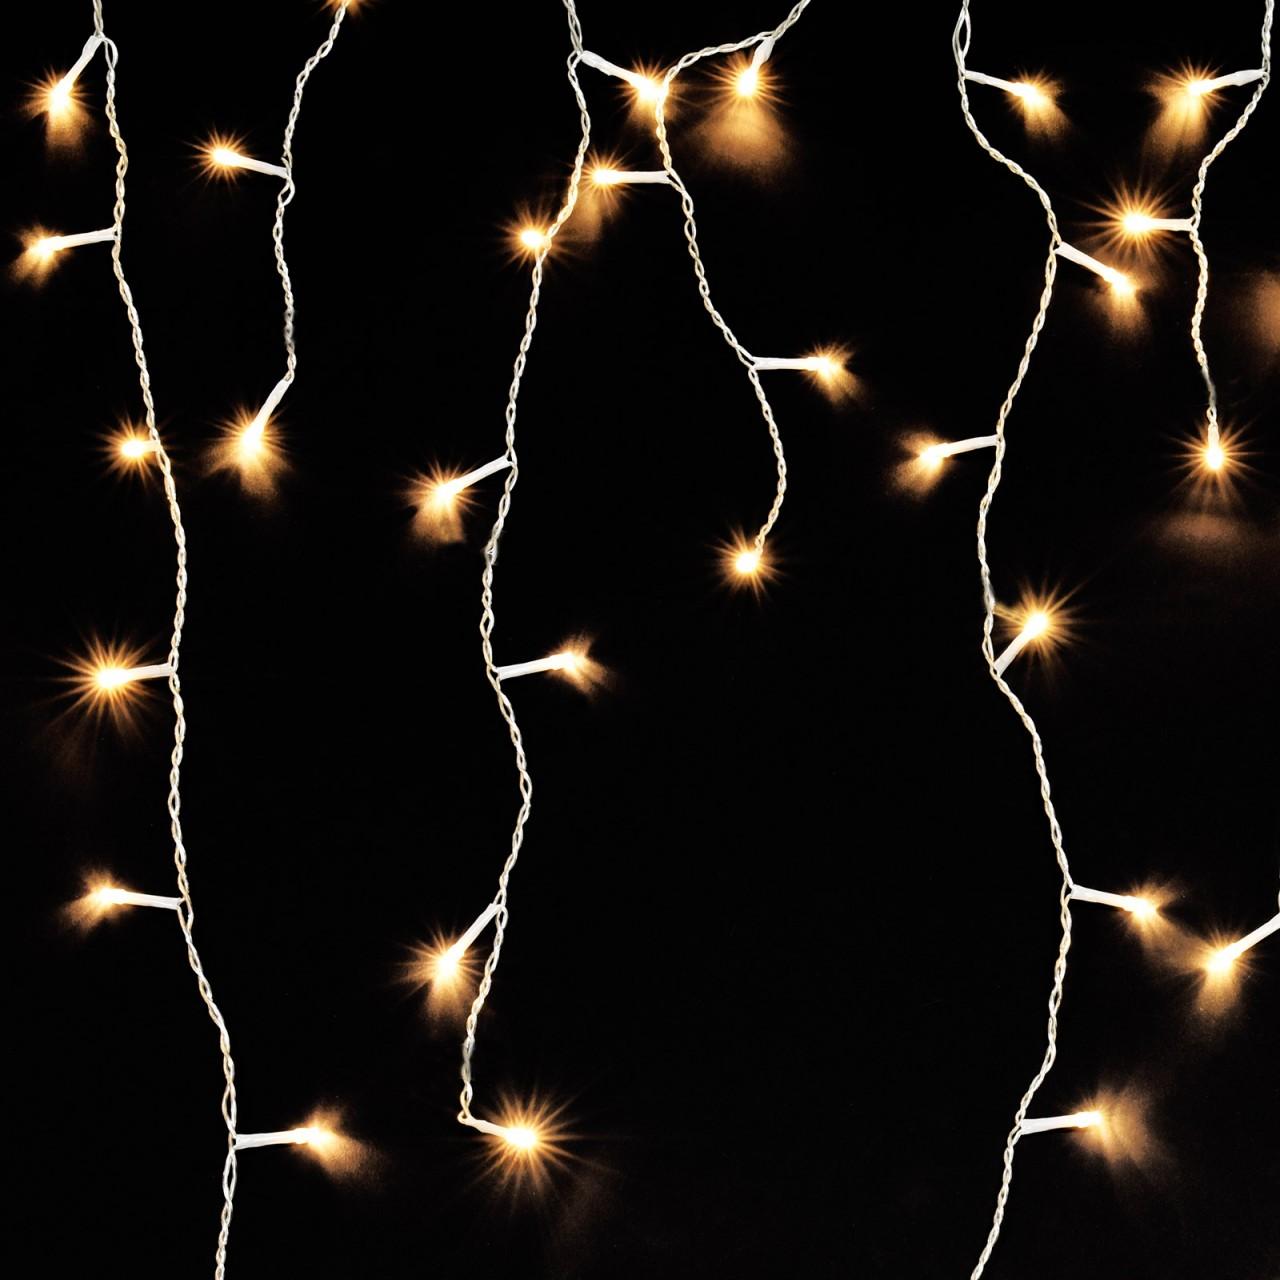 led lichterkette eiszapfen mit 160 leds f r innen und. Black Bedroom Furniture Sets. Home Design Ideas